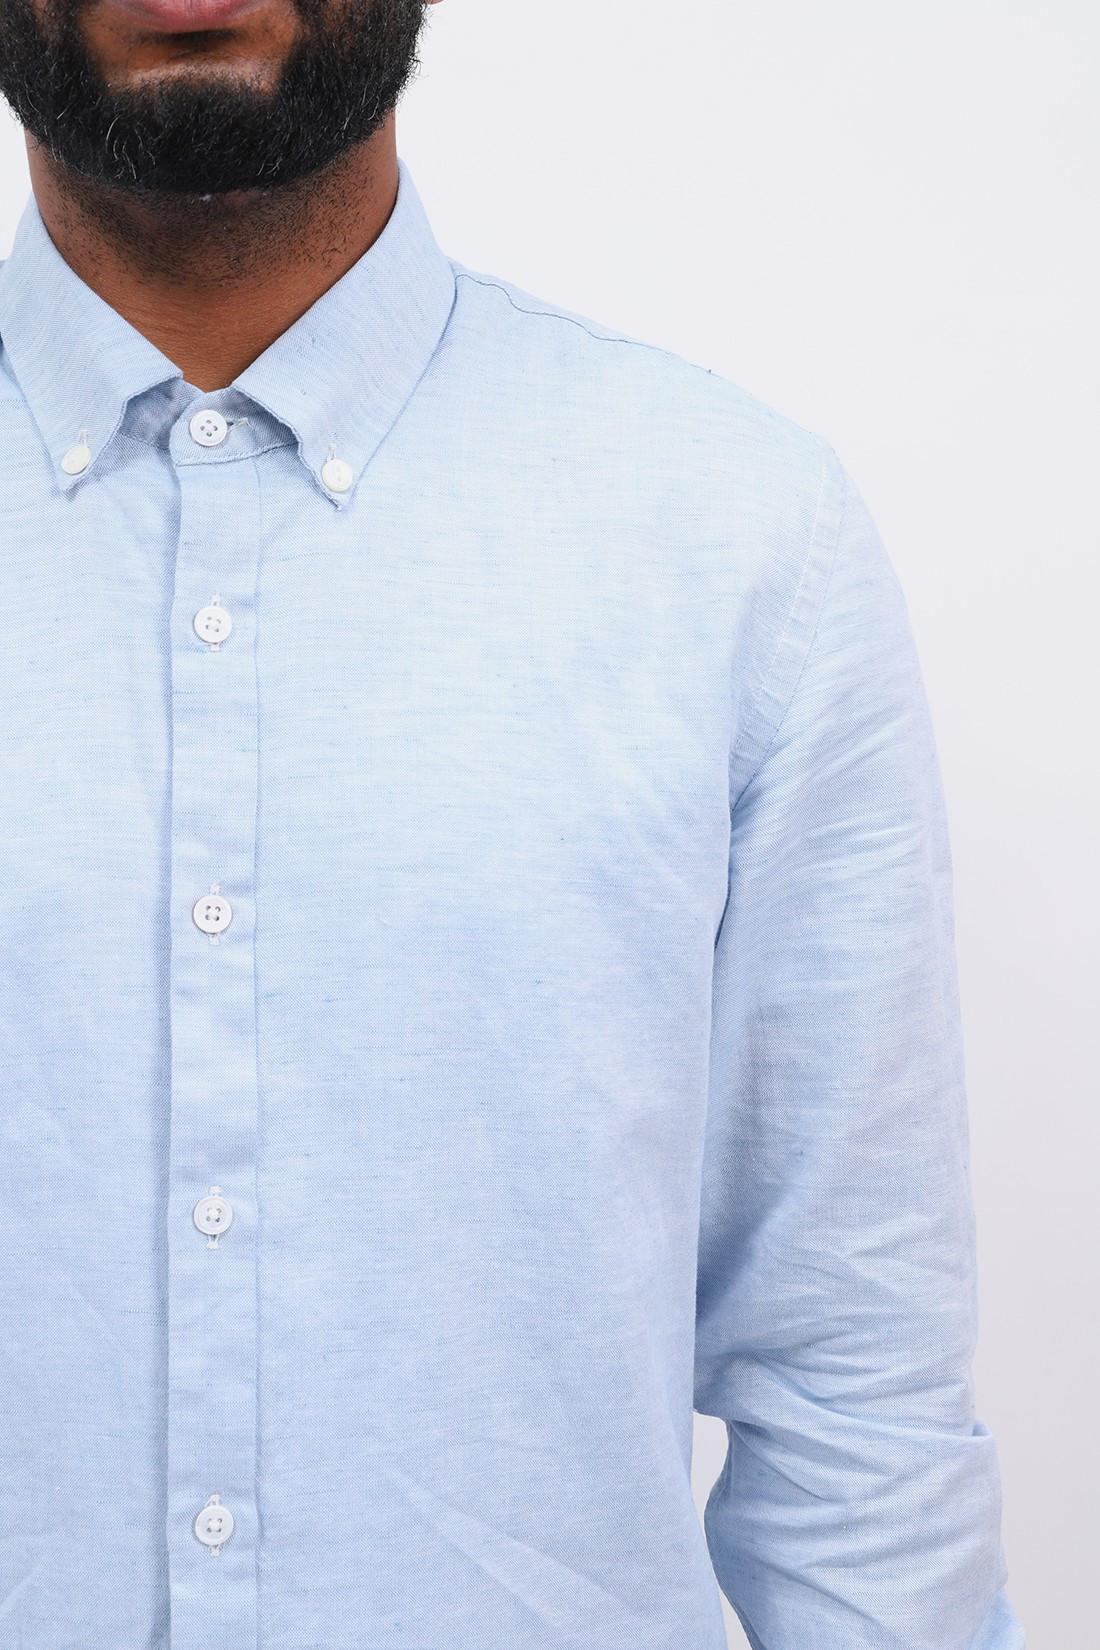 HOMECORE / Tokyo linen shirt Speckled blue